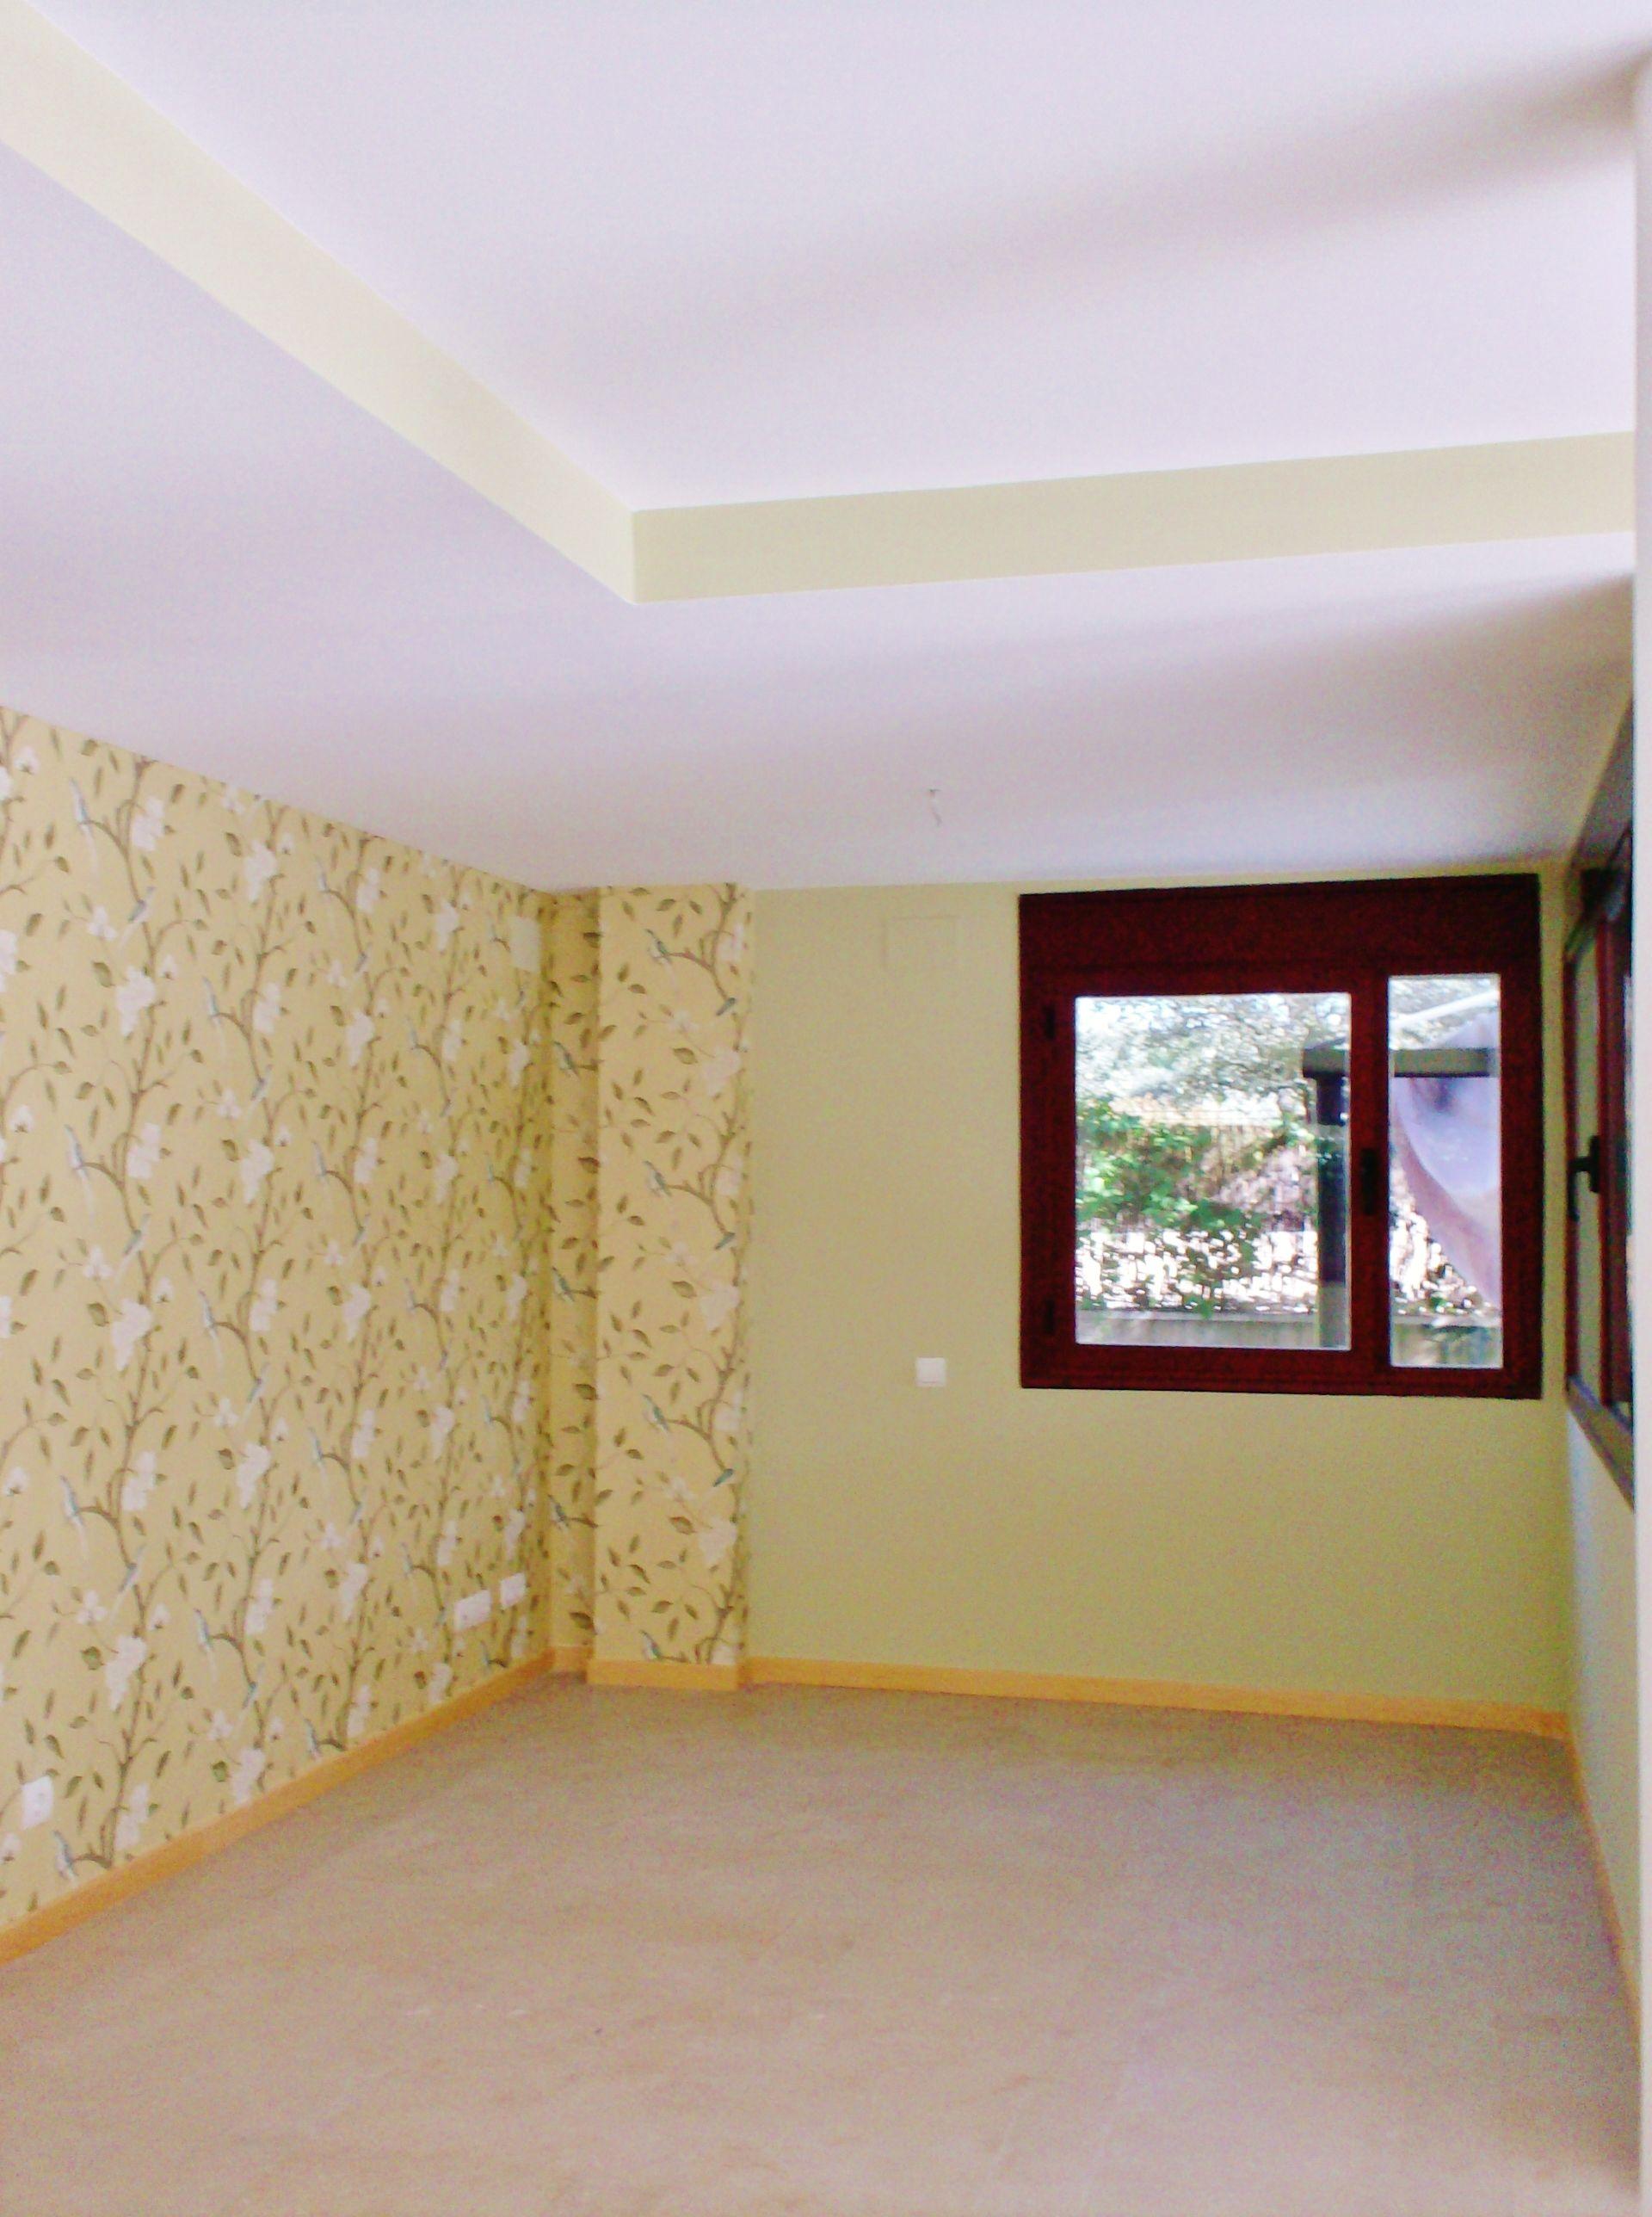 Pintura decorativa y papel pintado sal n decoraci n paredes decoracion paredes pintura - Pintura decorativa paredes ...